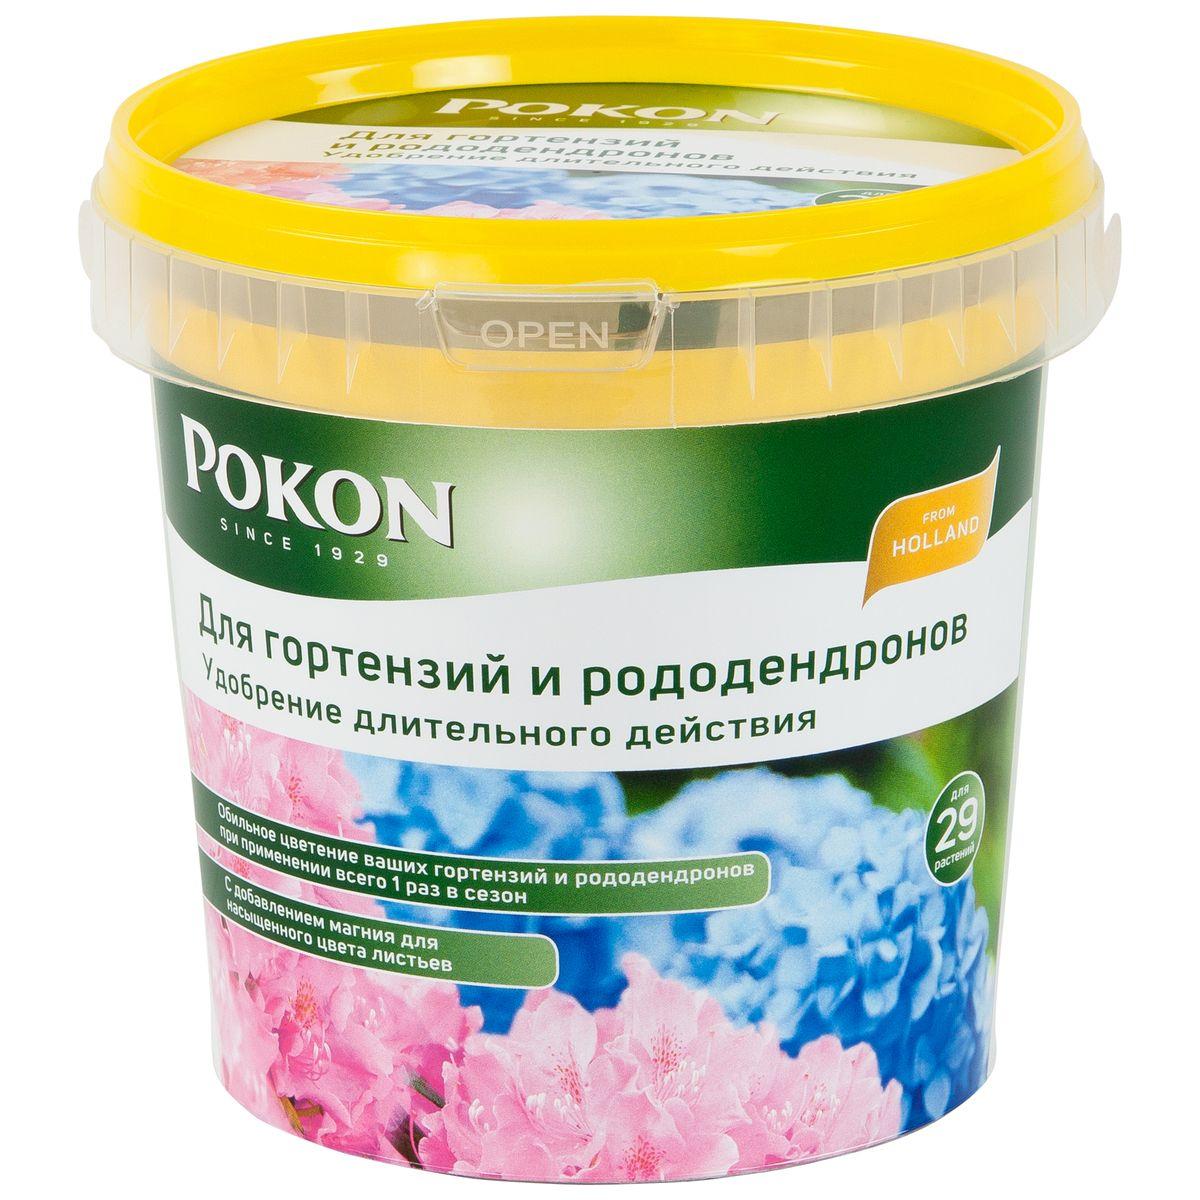 Удобрение Pokon для гортензий и рододендронов длительного действия, 900 г8711969016132Удобрение Pokon для гортензий и рододендронов длительного действия: NPK 19 + 5 + 23 с добавкой 2 MgO + 12 SO3. Это удобрение содержит все необходимое для обильного и частого цветения гортензий и рододендронов. Достаточно внести его один раз, и затем питательные вещества будут постепенно высвобождаться и проникать в растения в течение сезона под воздействием дождей и солнца. Магниевая добавка придает гортензиям и рододендронам яркую и насыщенную окраску. Инструкция по применению: - Вносите удобрение 1 раз в год, желательно весной или при посадке растений. - Отмерьте нужное количество гранул в соответствии с прилагаемой таблицей. - Равномерно насыпьте гранулы вокруг стеблей. - Смешайте гранулы с верхним слоем грунта. - Полейте грунт, и удобрение немедленно начнет действовать. - Не используйте при температуре выше +25 градусов и под прямыми солнечными лучами. Состав: 19% — общее содержание азота (N); 5,4% — нитратный азот; ...